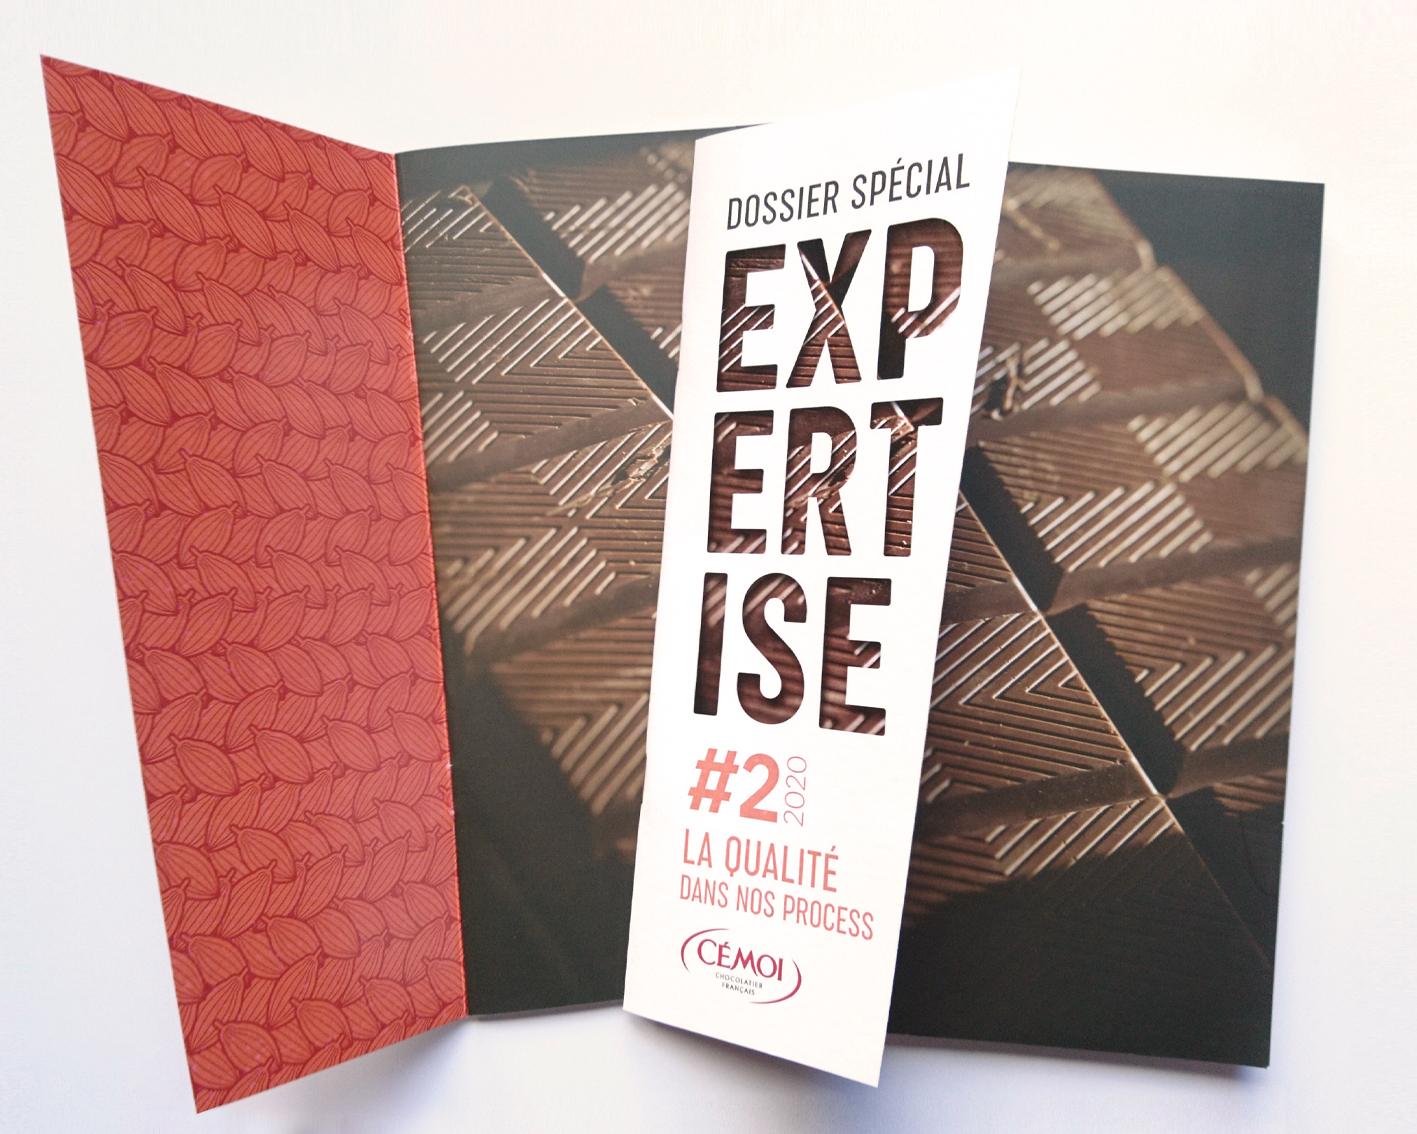 cemoi-livret-expertise2-image1.jpg